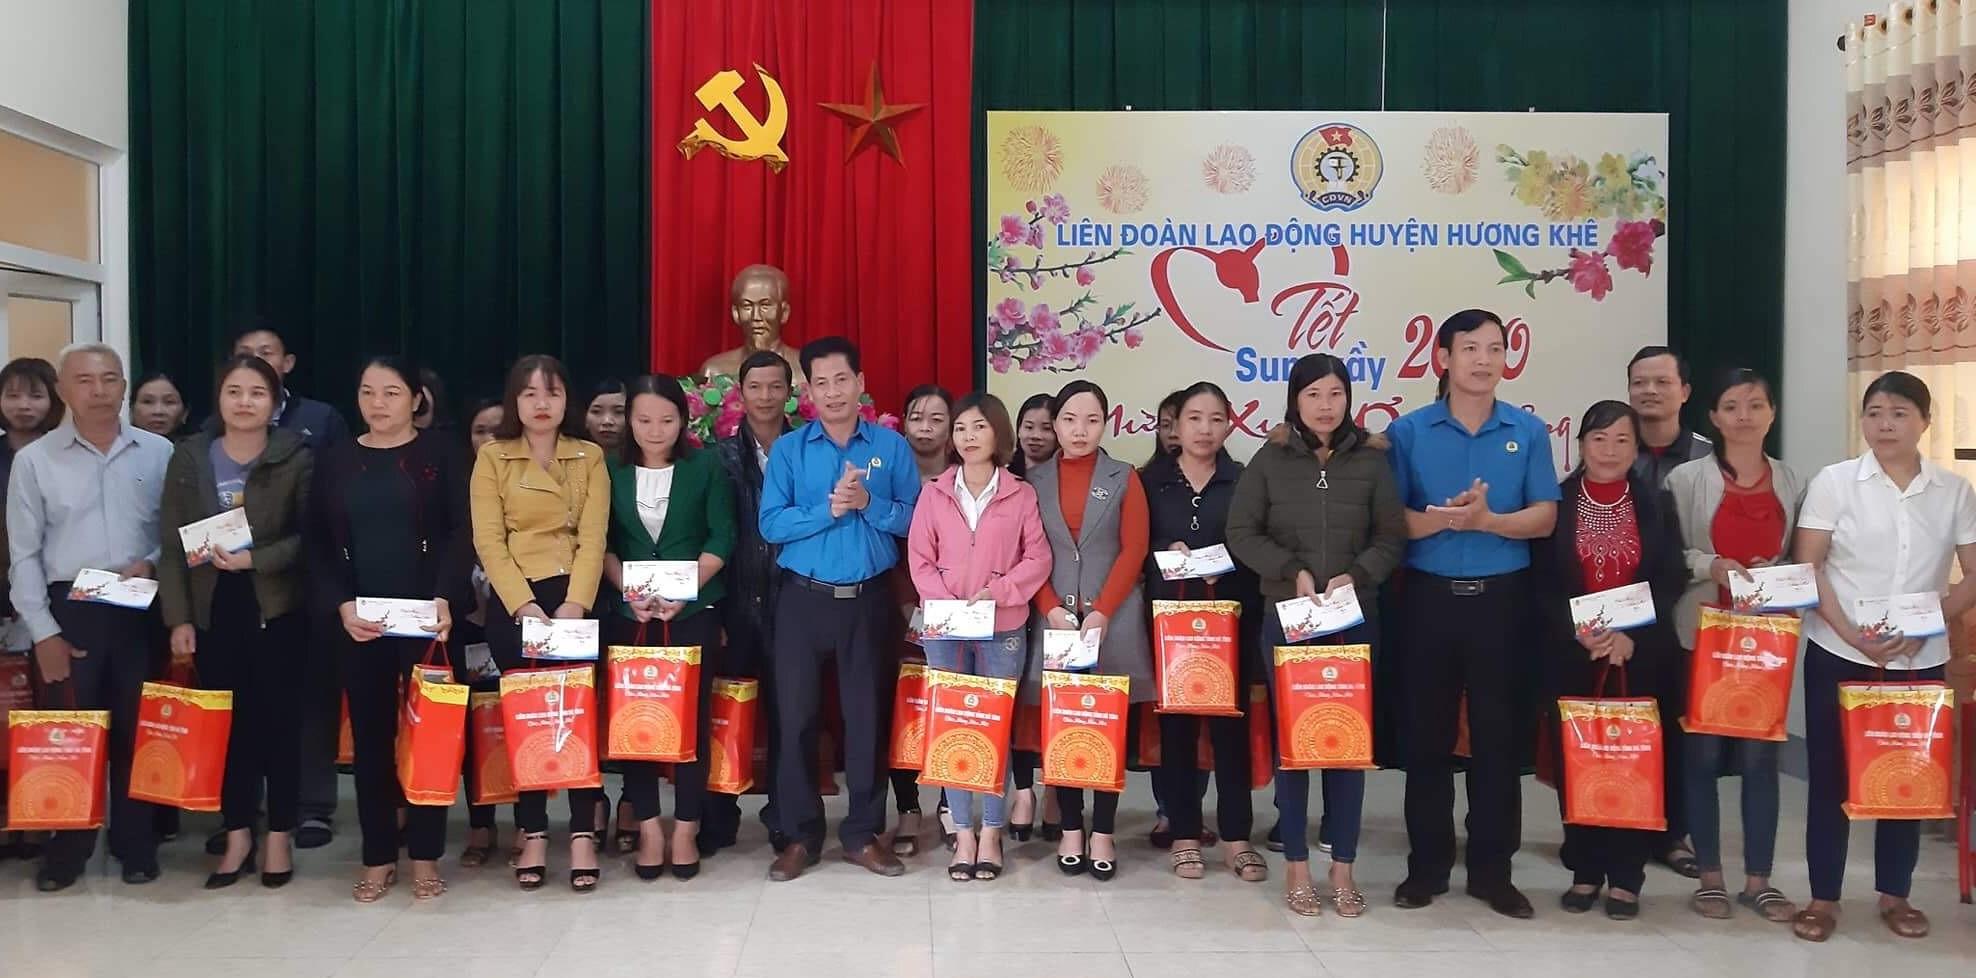 Trao hơn 500 triệu đồng cho người lao động Hương Khê